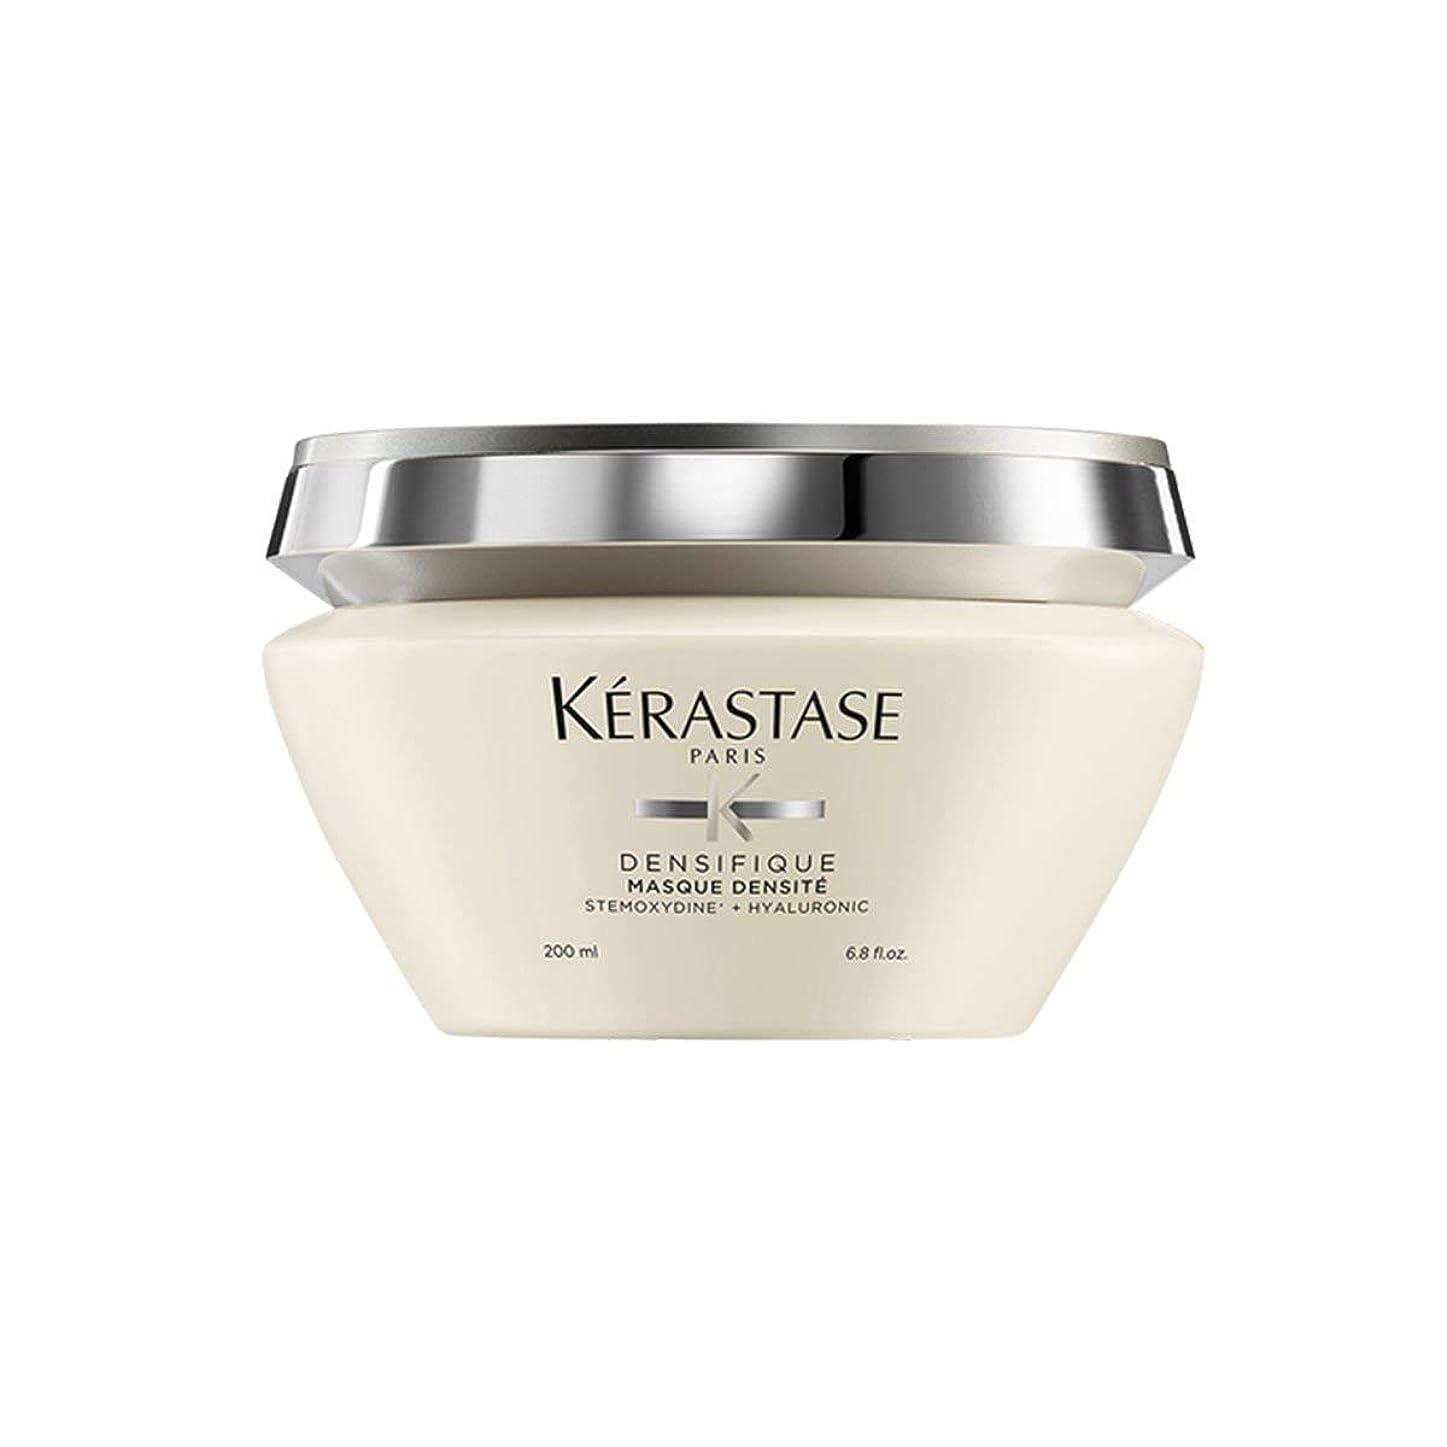 食品ラブ促すKERASTASE(ケラスターゼ) DS マスク デンシフィック 200g